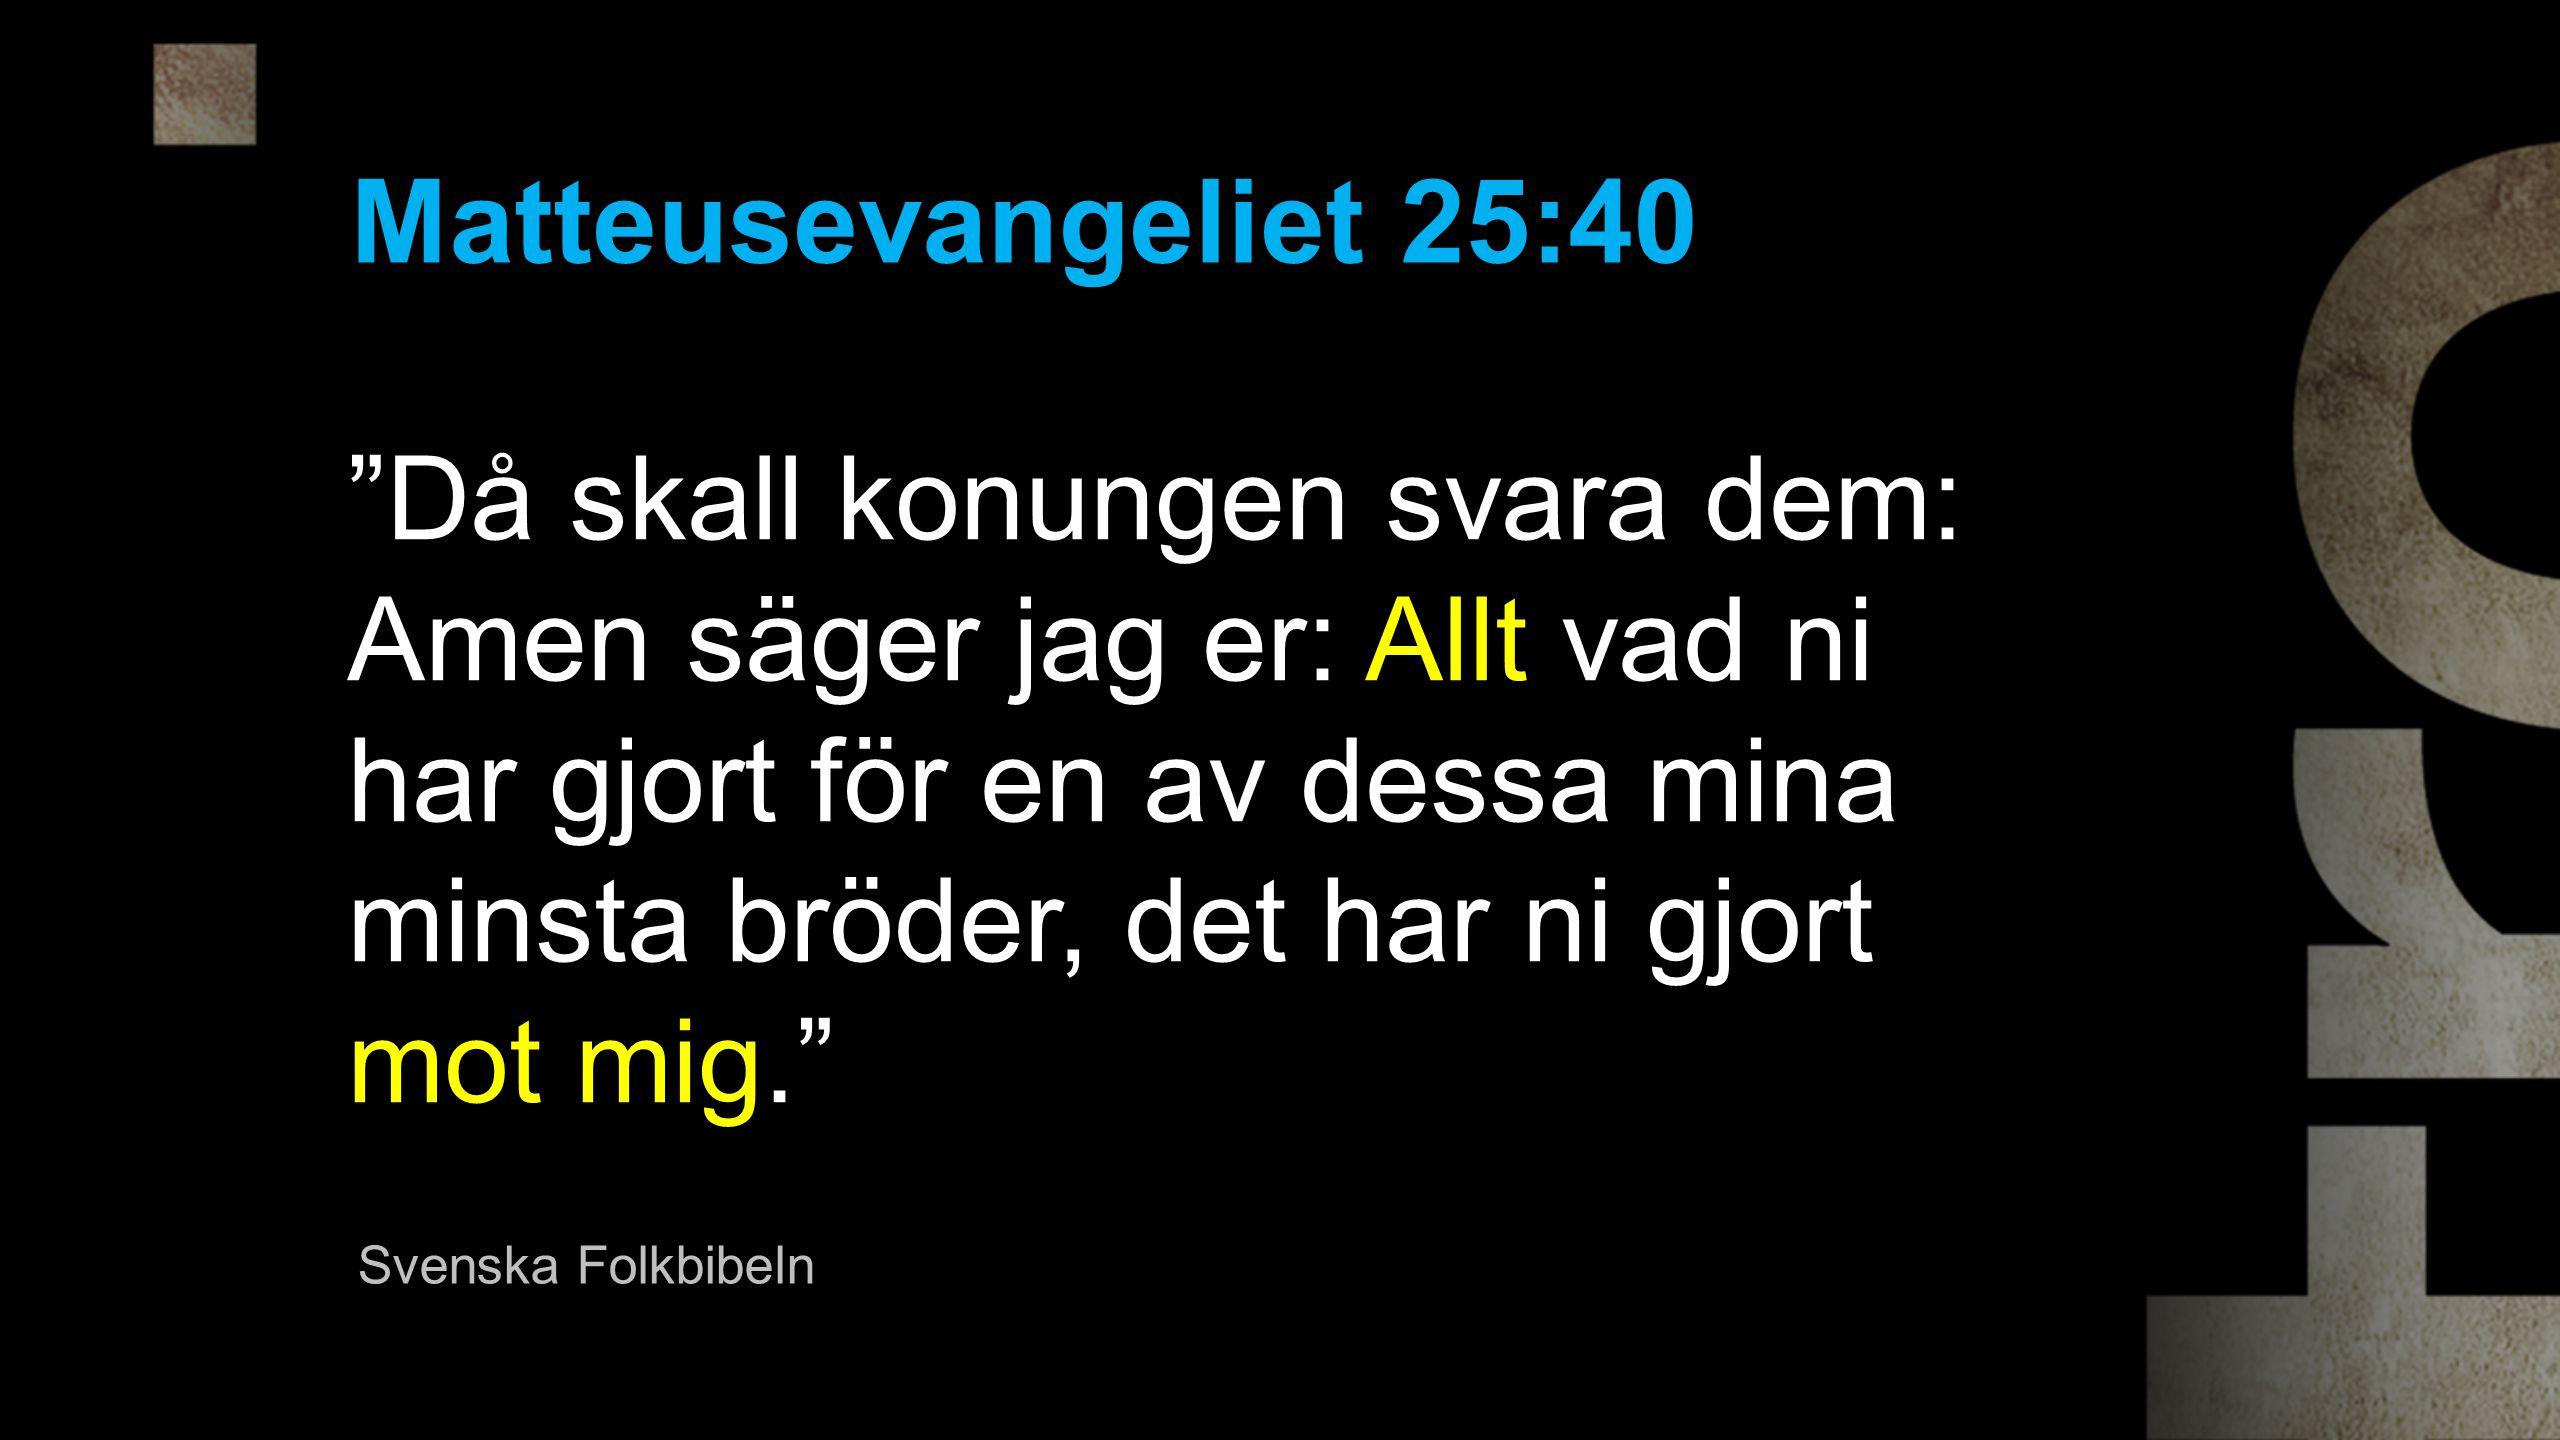 Då skall konungen svara dem: Amen säger jag er: Allt vad ni har gjort för en av dessa mina minsta bröder, det har ni gjort mot mig. Matteusevangeliet 25:40 Svenska Folkbibeln